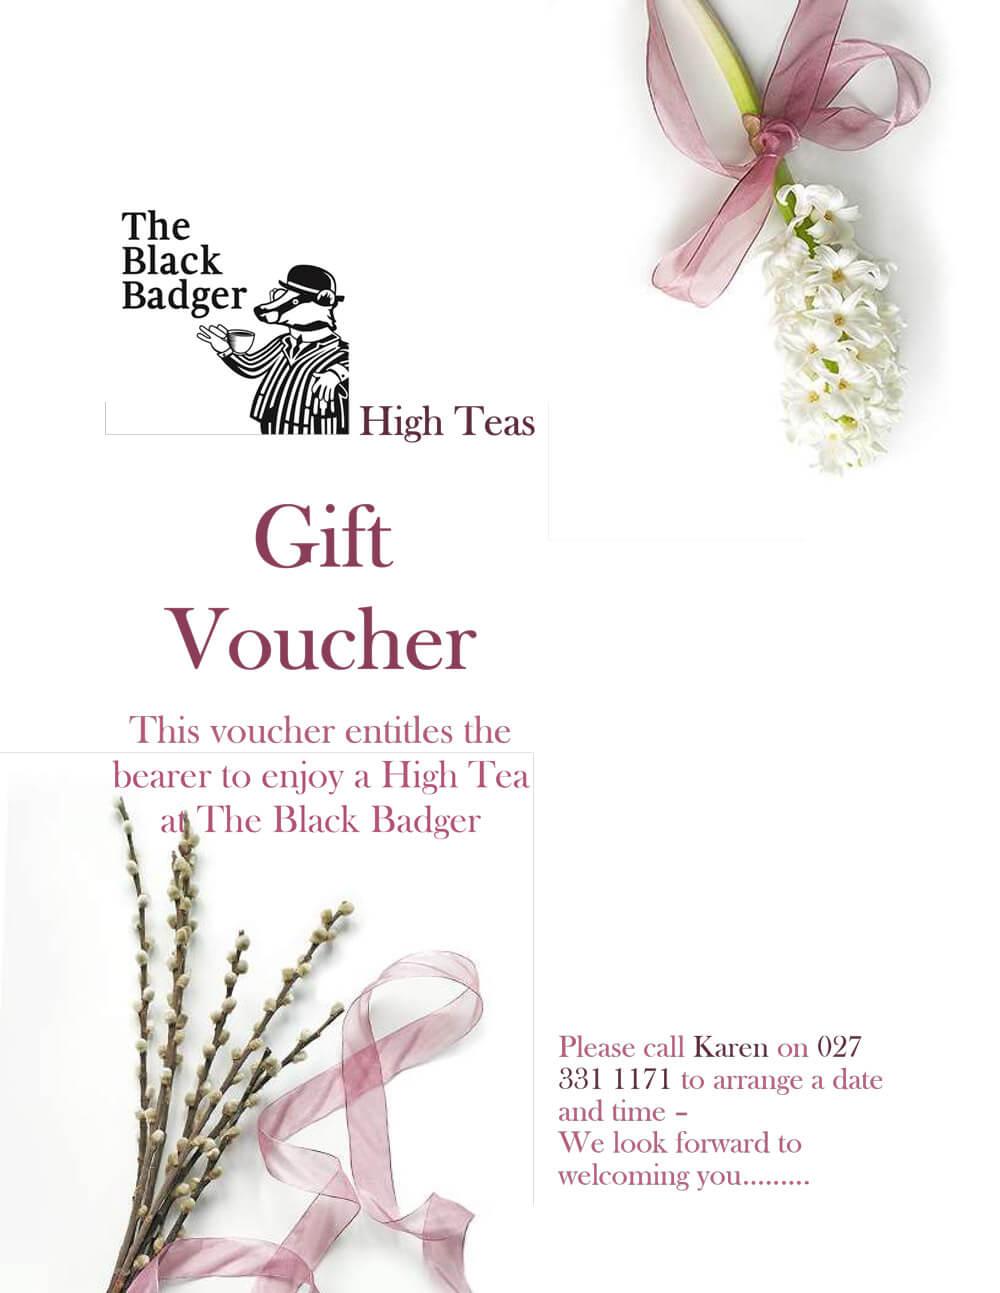 high teas gift voucher